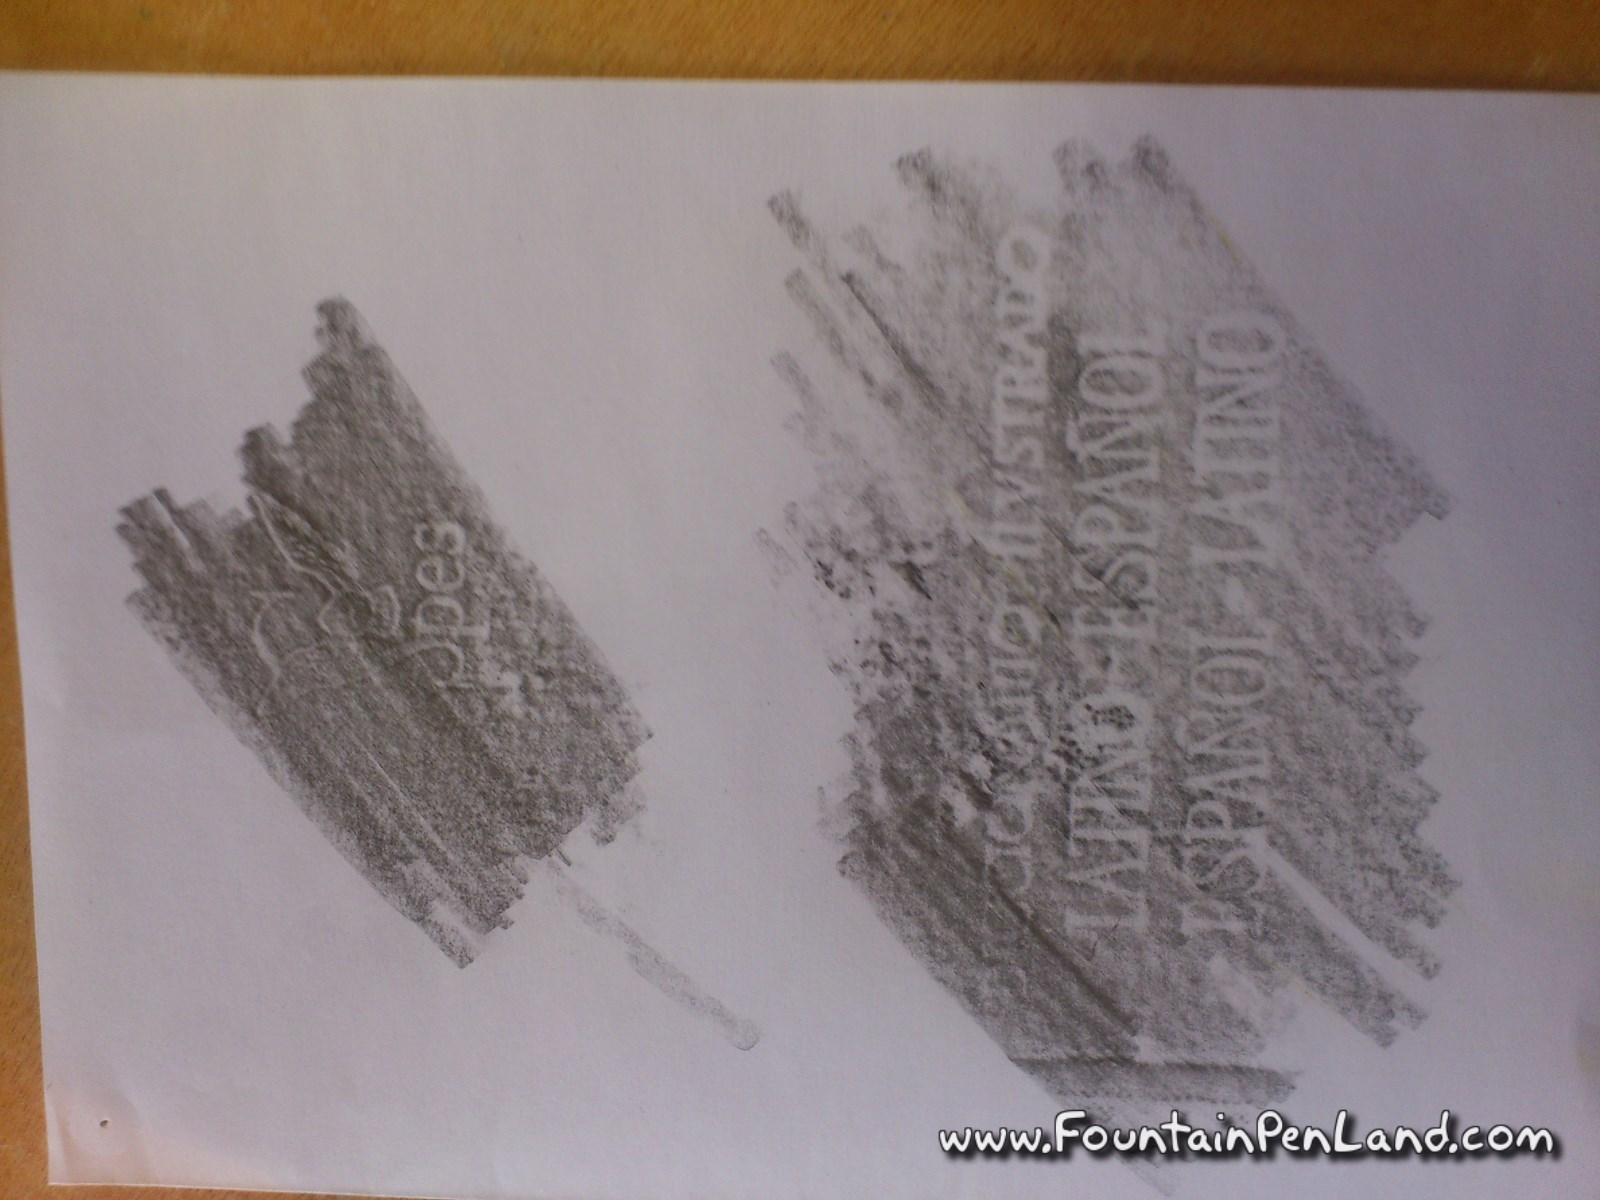 FPL Fountainpenland fountainpen estilografica Sandy Restauración de libros antiguos book restoration dictionary latin. DIY tutorial de restaural como arreglar un libro, encuadernacion de libros bookbinding